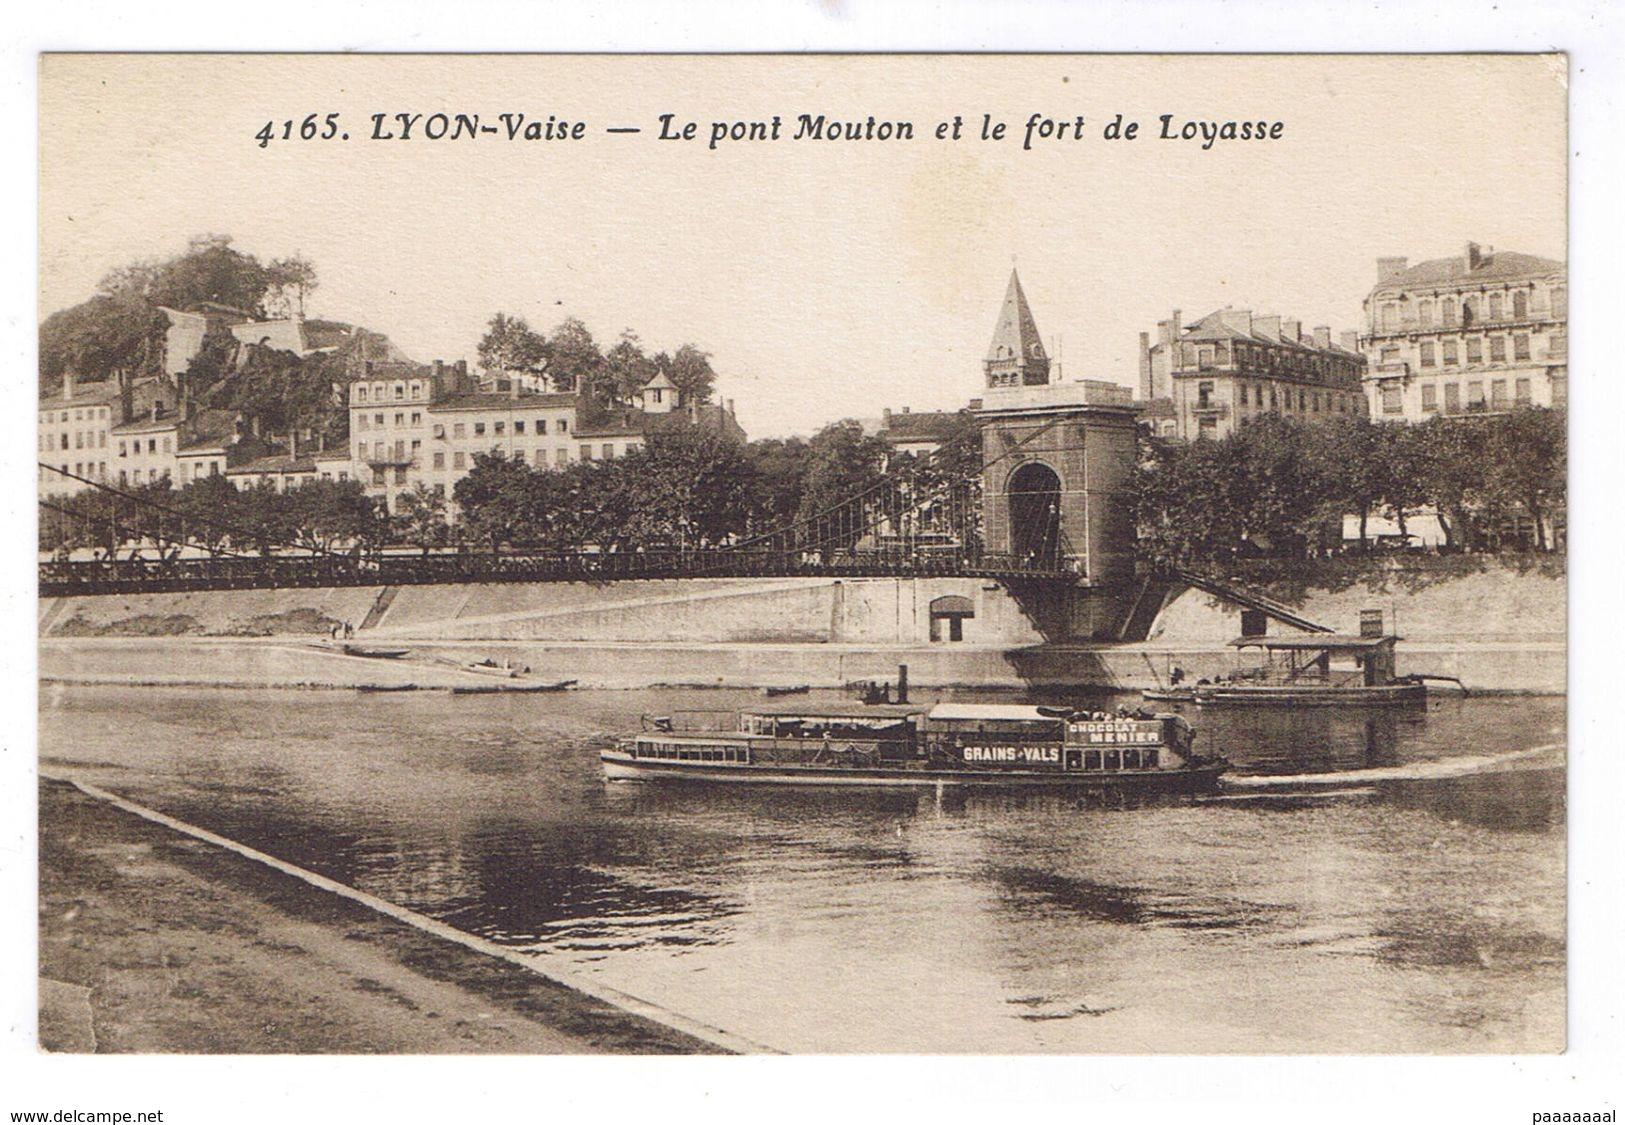 LYON VAISE  LE PONT MOUTON ET LE FORT DE LOYASSE - Lyon